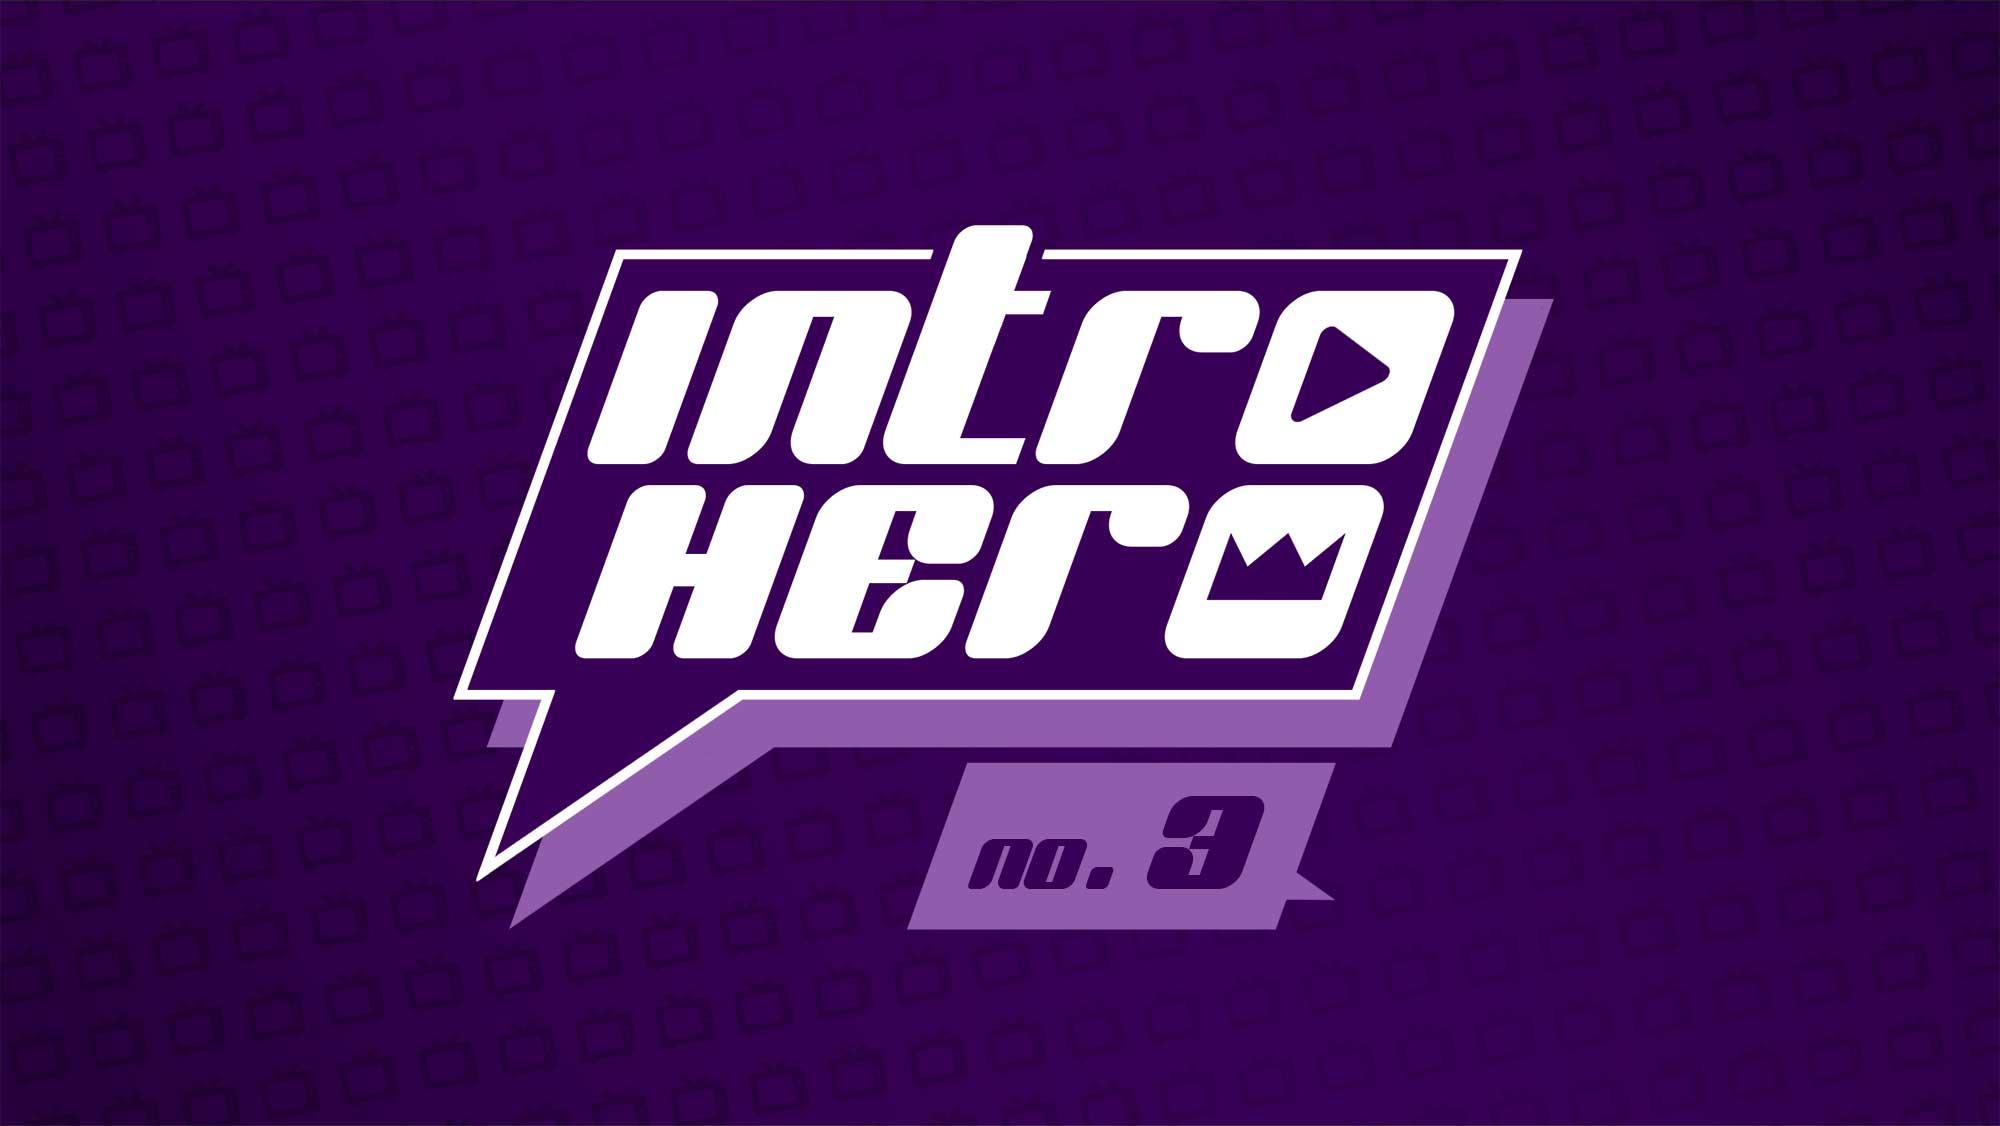 Könnt ihr Serien-Intros anhand ihrer Beschreibung erkennen? INTRO-HERO_03-Thumb